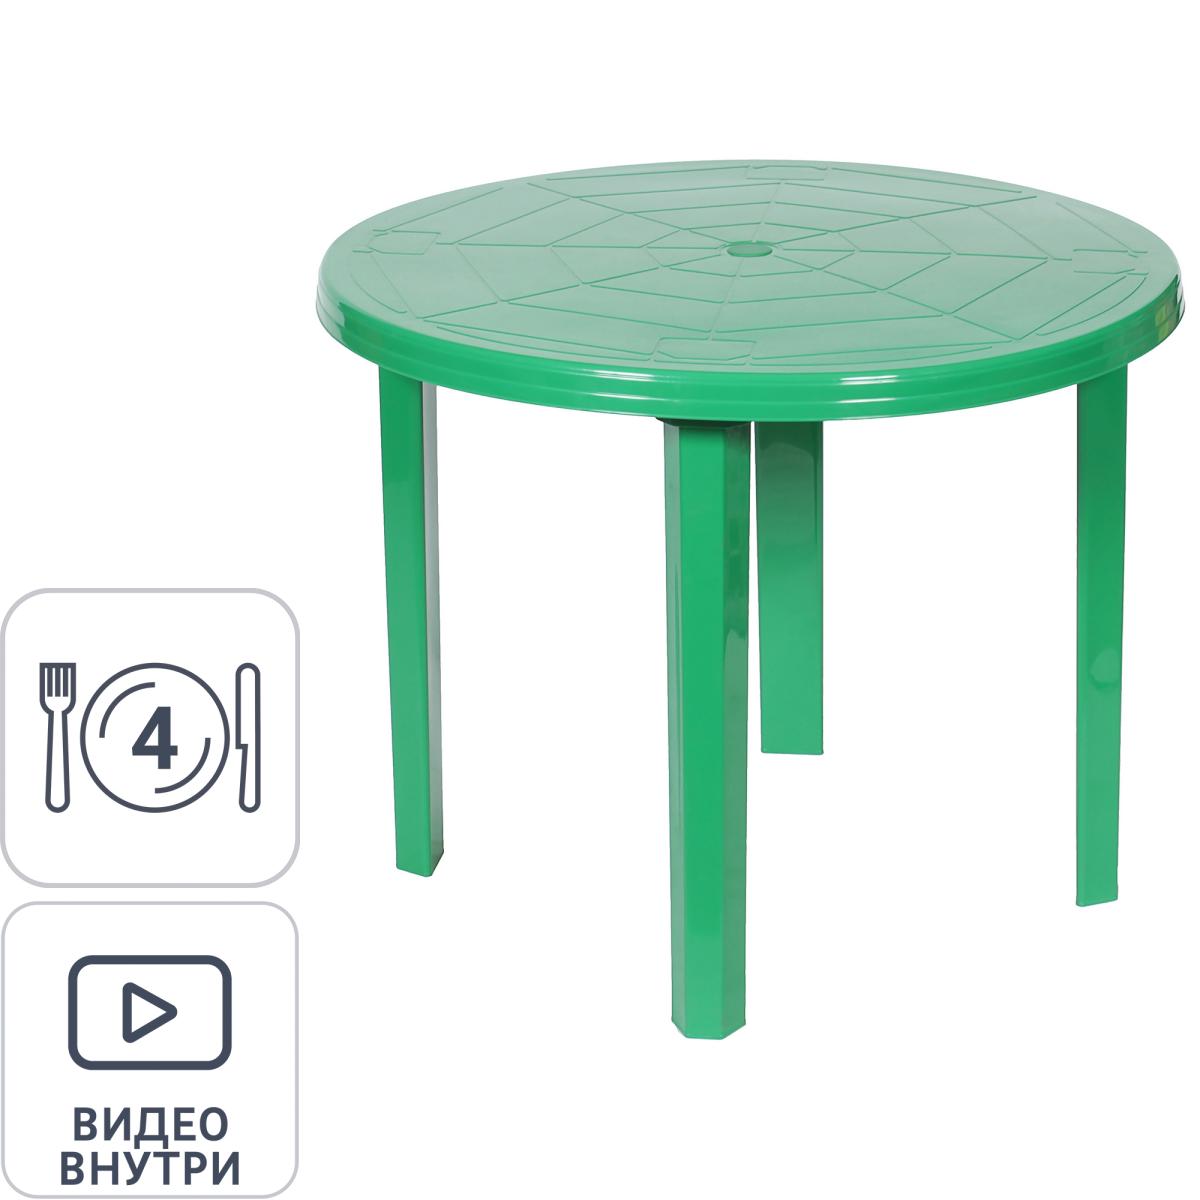 Стол садовый круглый 90x71x90 см пластик цвет зеленый